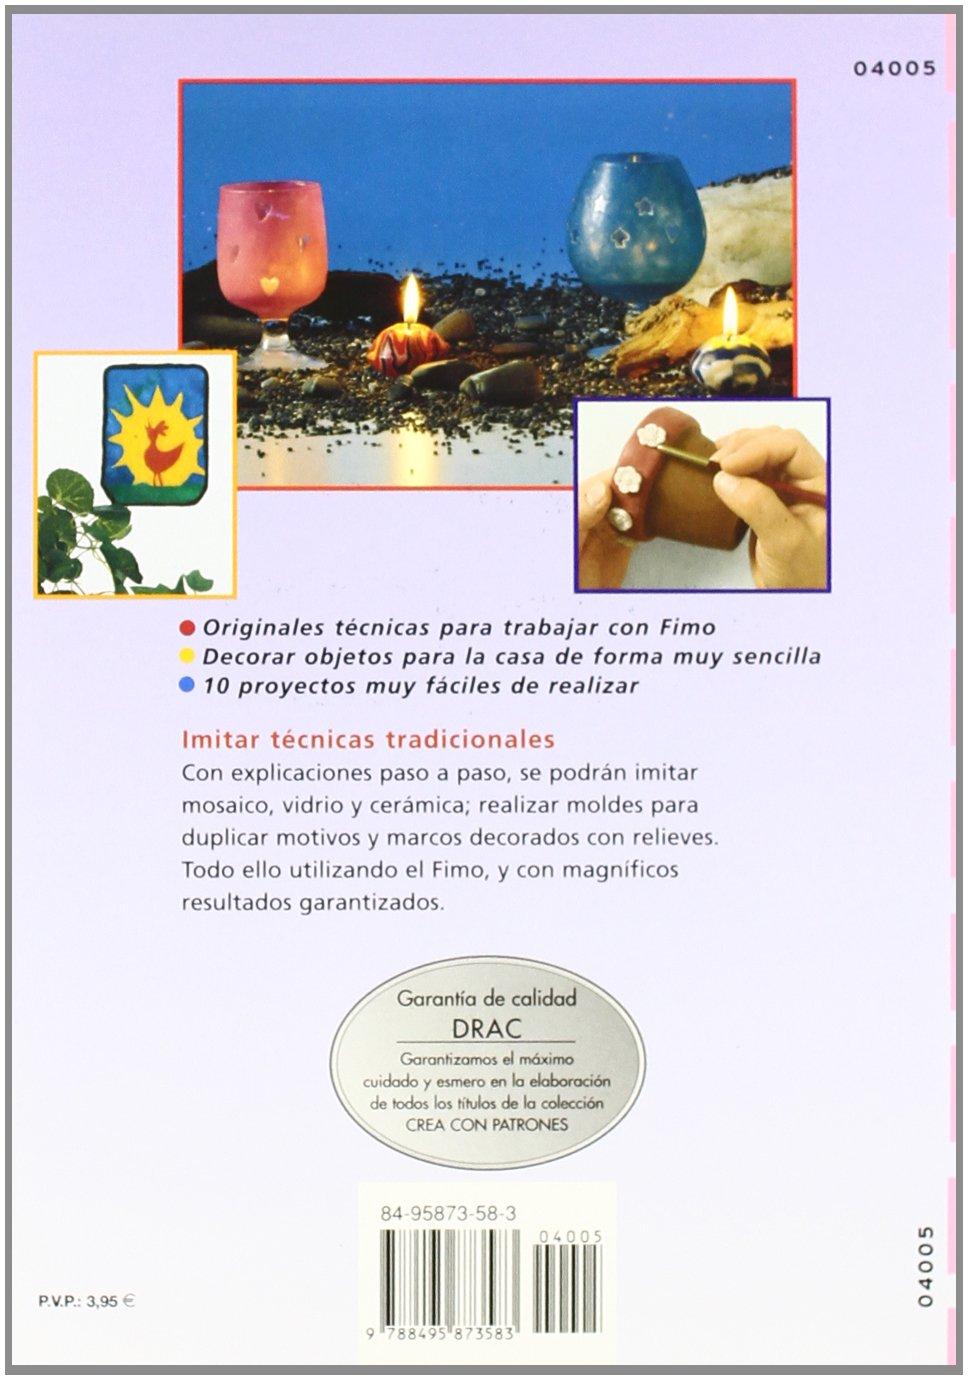 Imitar Mosaico Vidrio Y Ceramica Con Fimo *: RESTA M.: 9788495873583: Amazon.com: Books